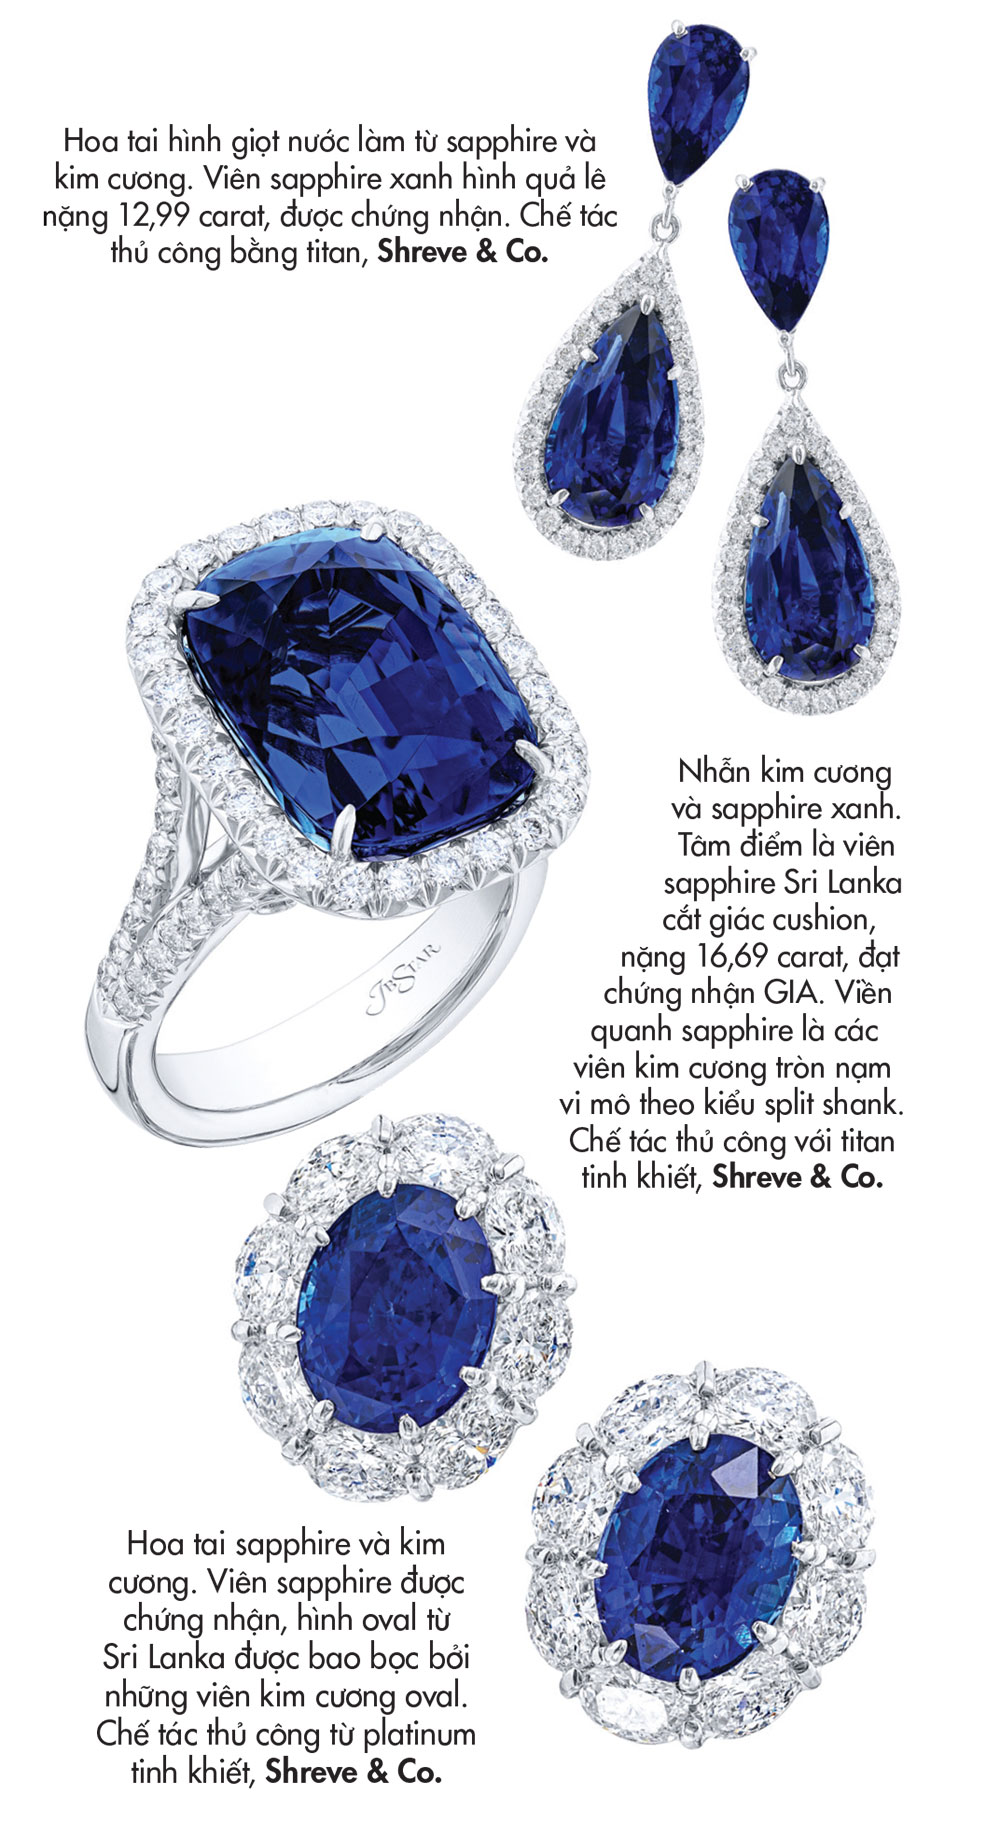 4 điều bạn cần biết để chọn mua đá sapphire xanh lam cao cấp 10